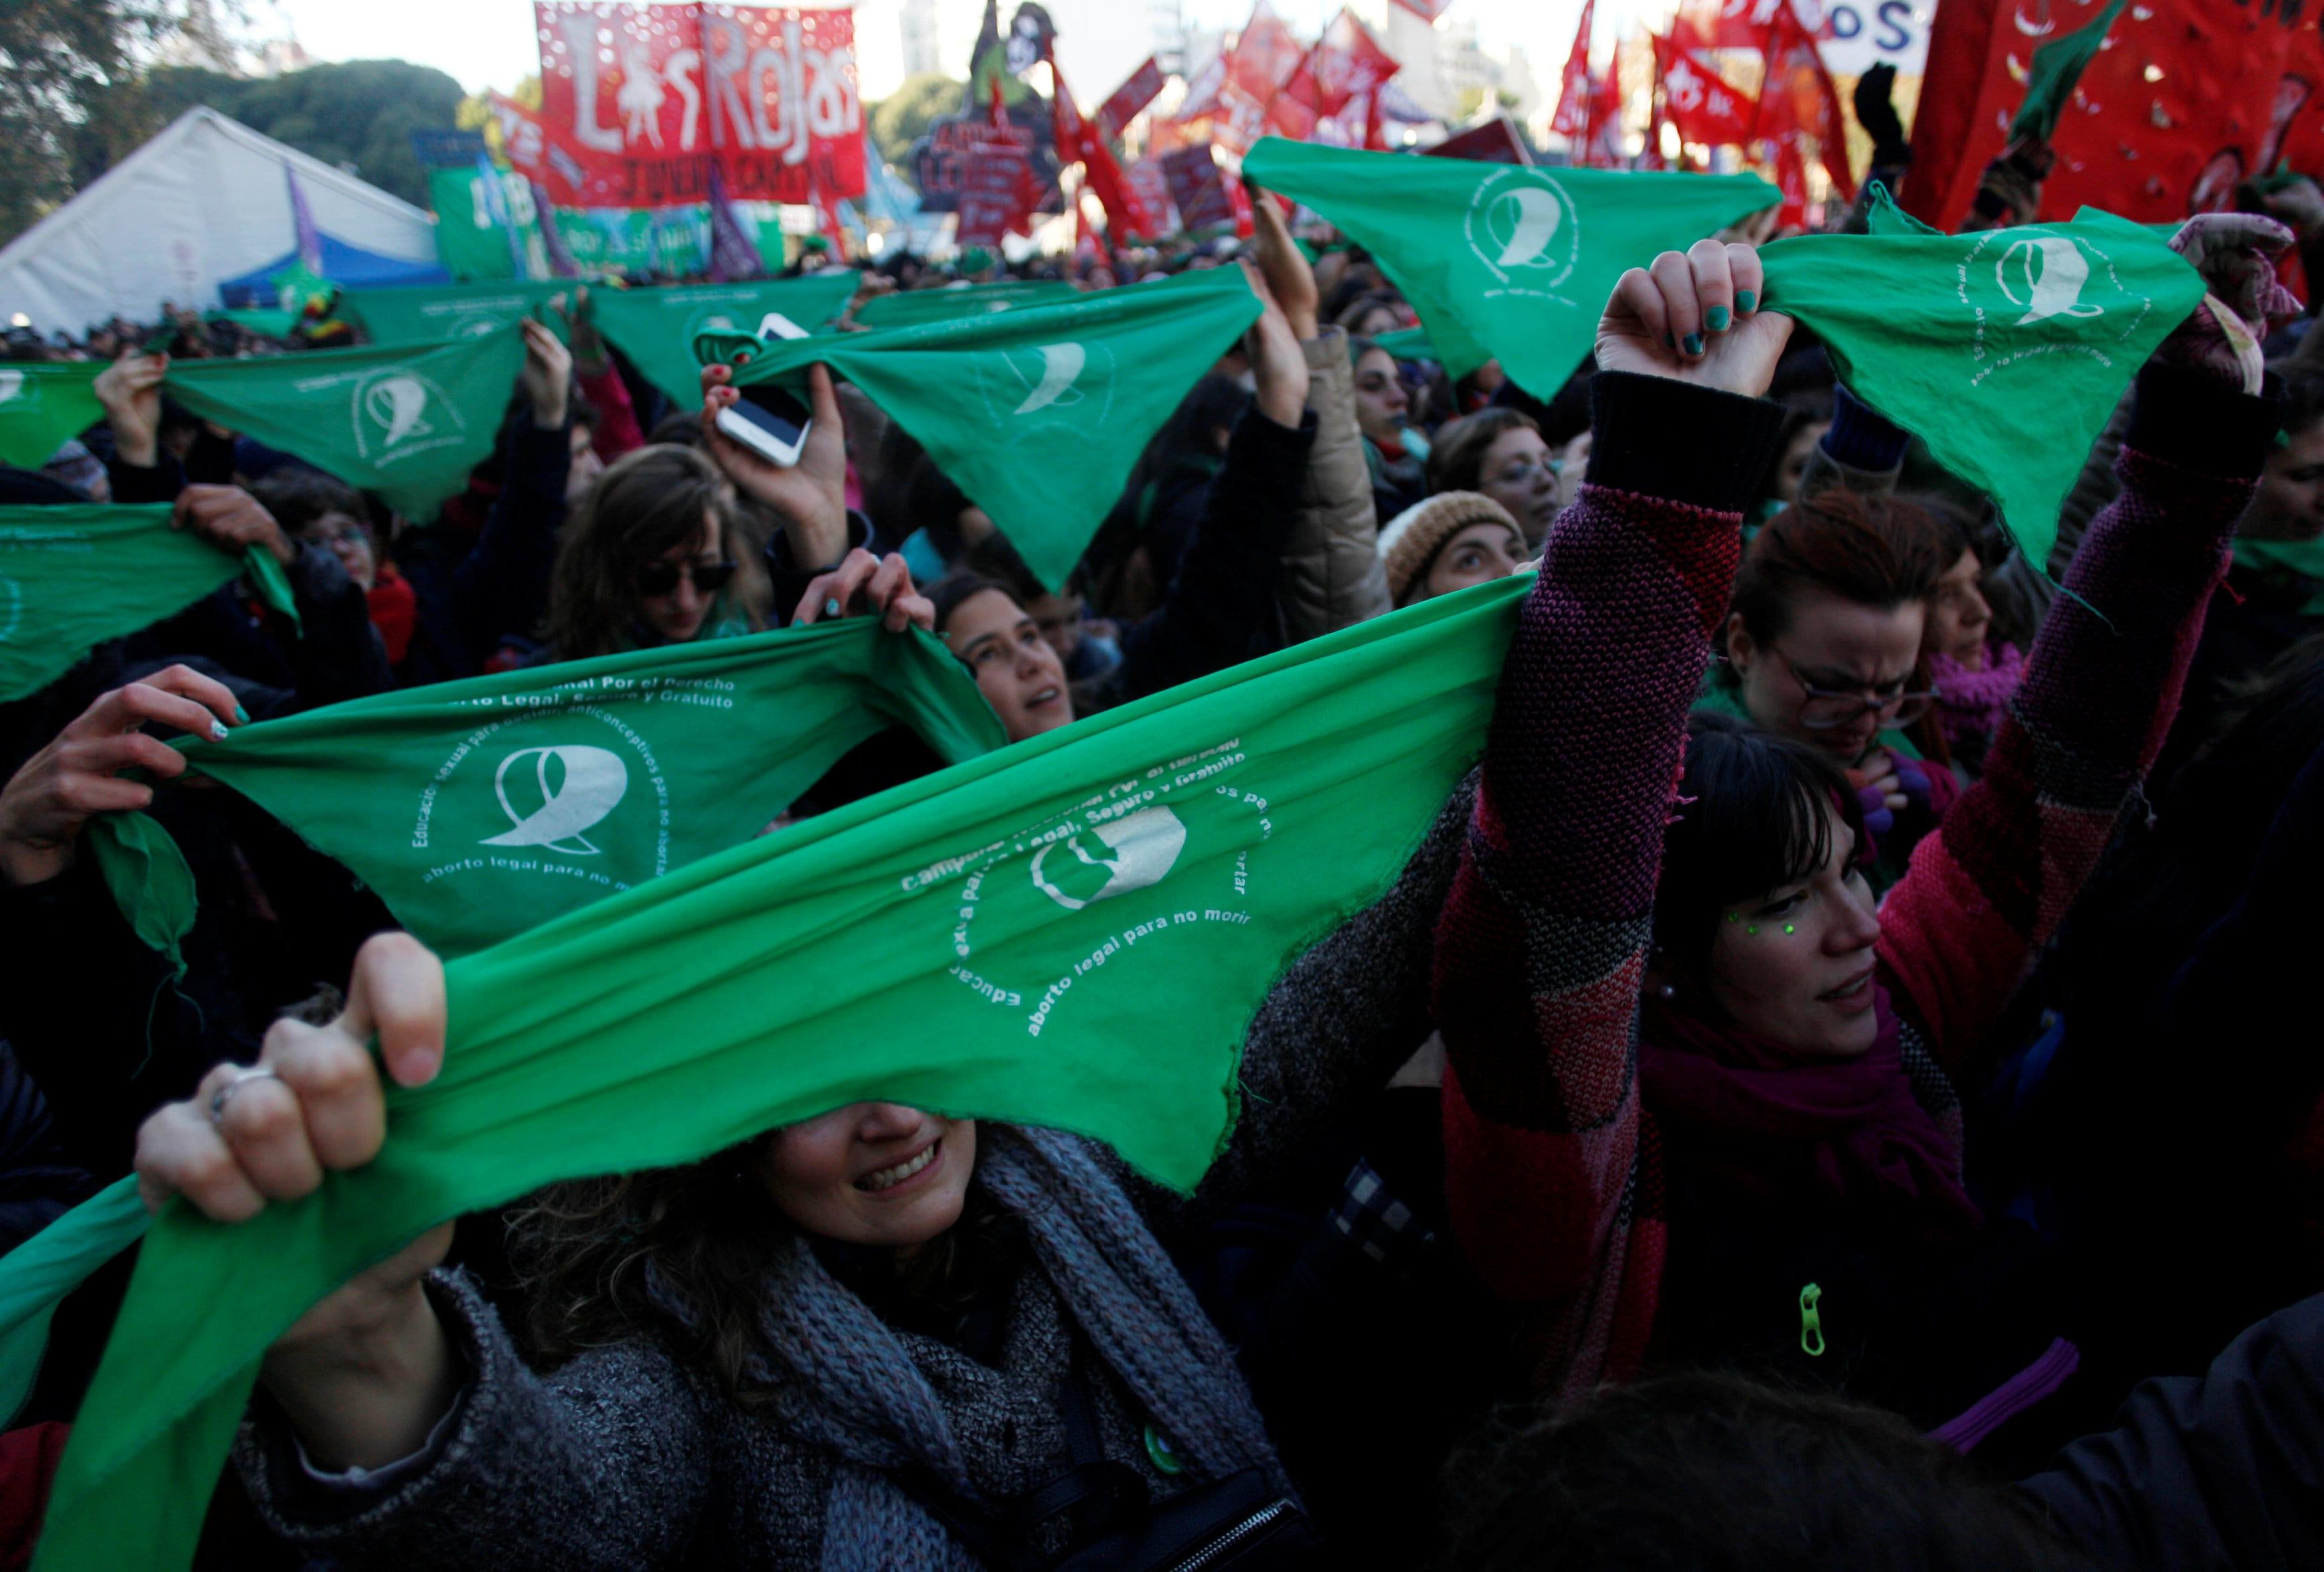 joven-manifiesta-favor-legalizacion-aborto-frente-congreso-en-buenos-aires-junio-2018